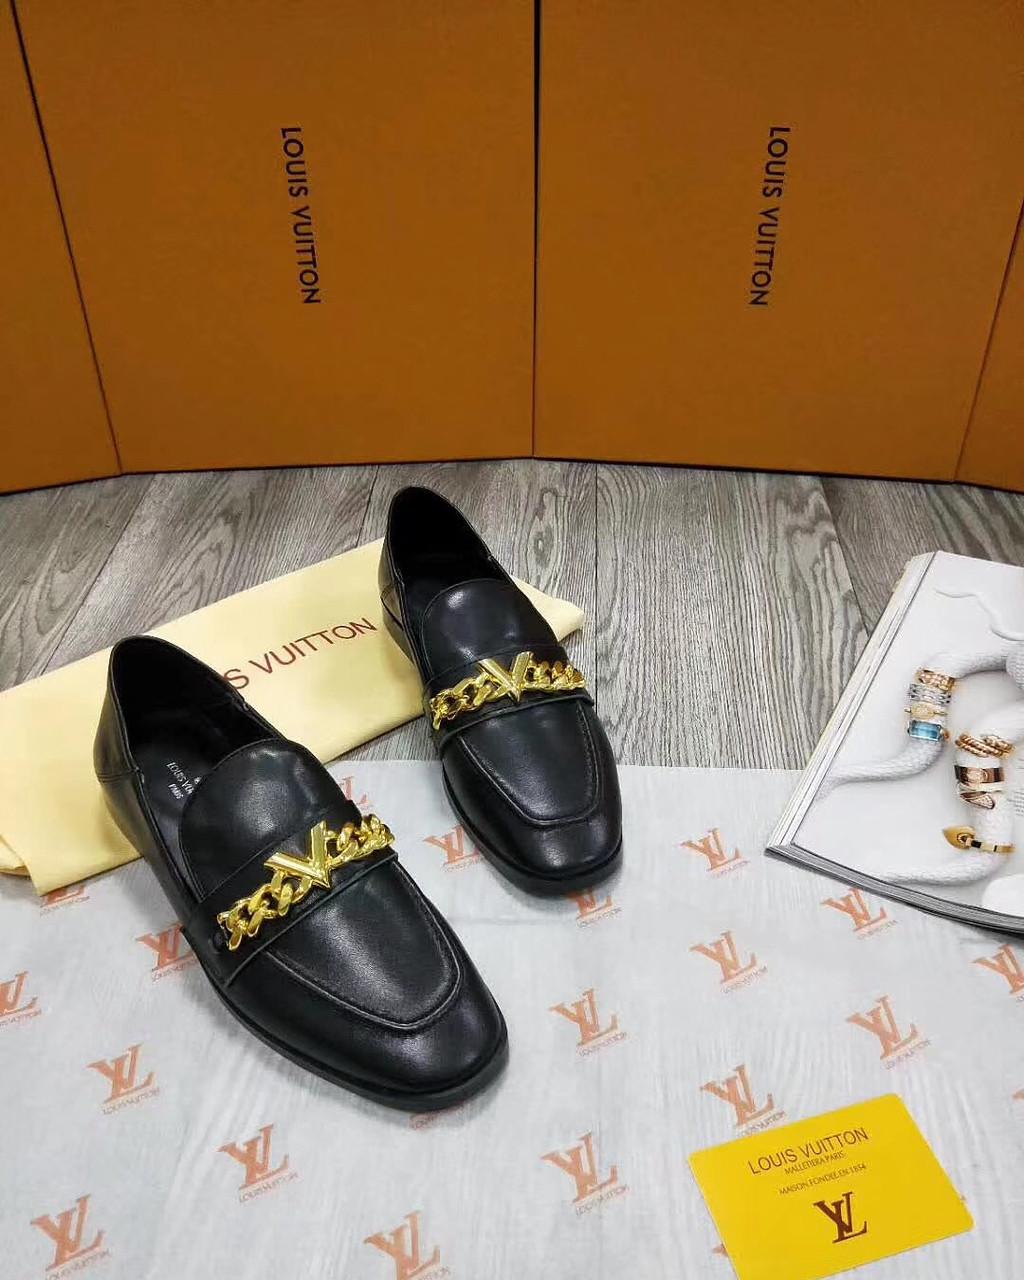 fcbb92316 Кожаные мокасины Louis Vuitton - Люкс реплики брендовых сумок, обуви в Киеве